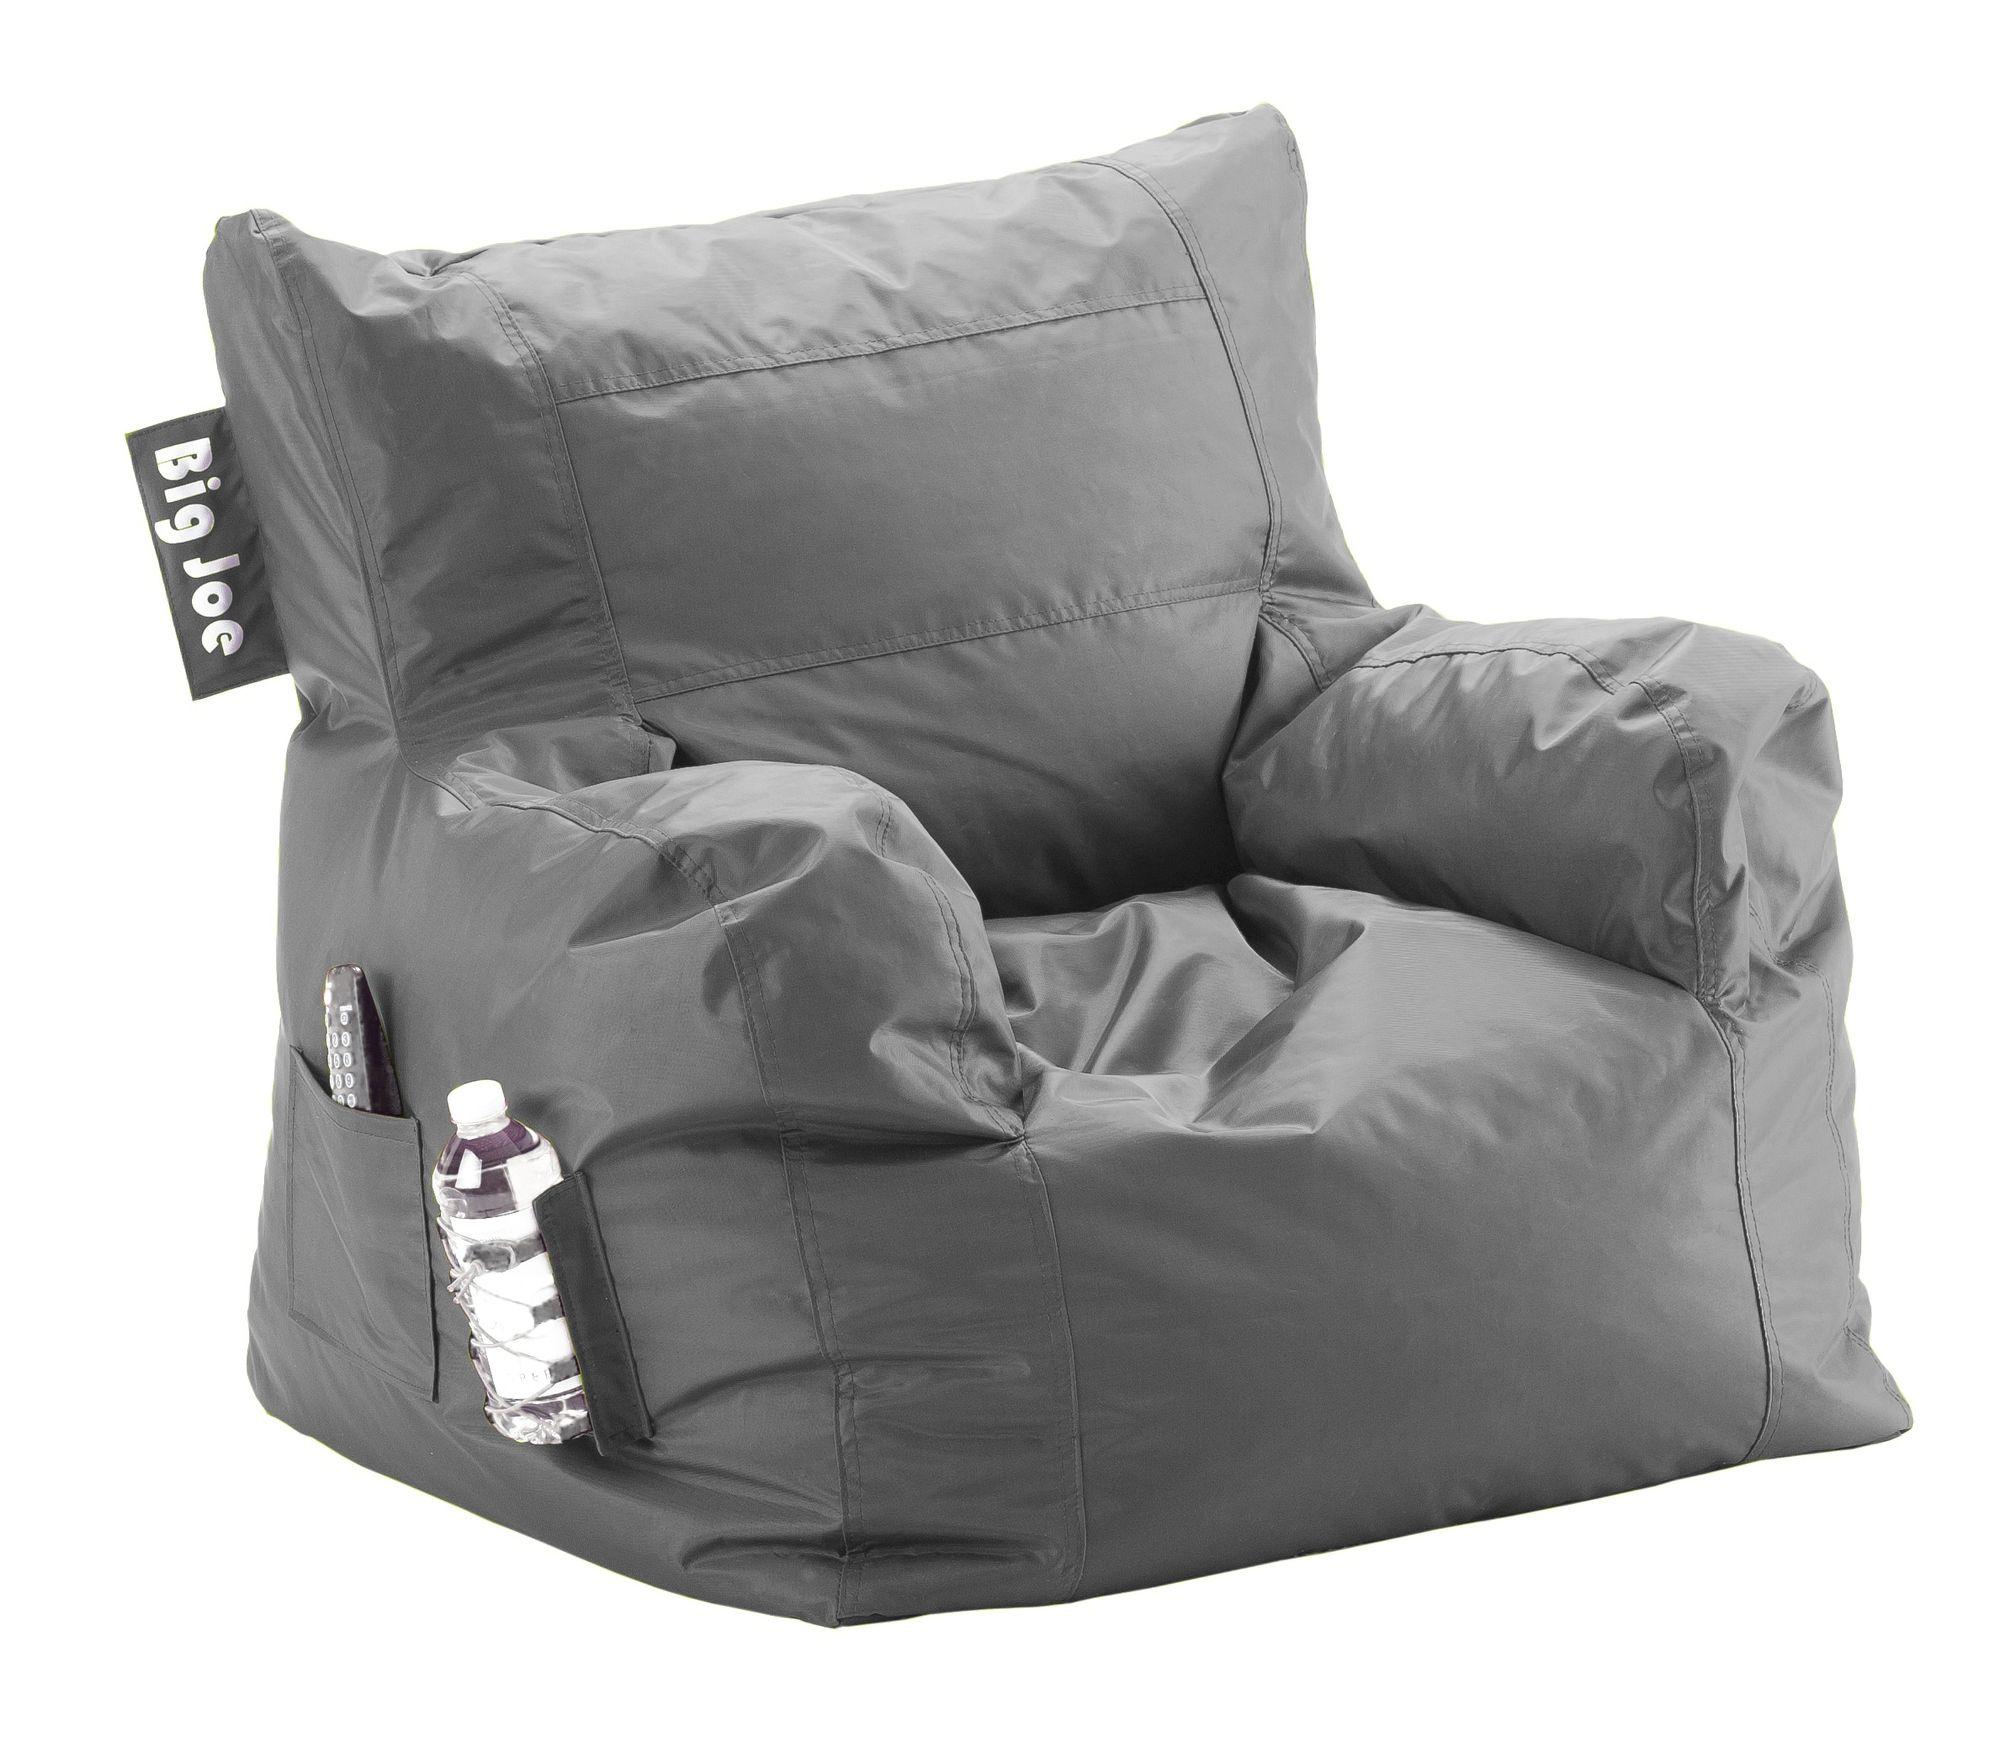 Comfort Research Big Joe Dorm Bean Bag Chair Bean bag